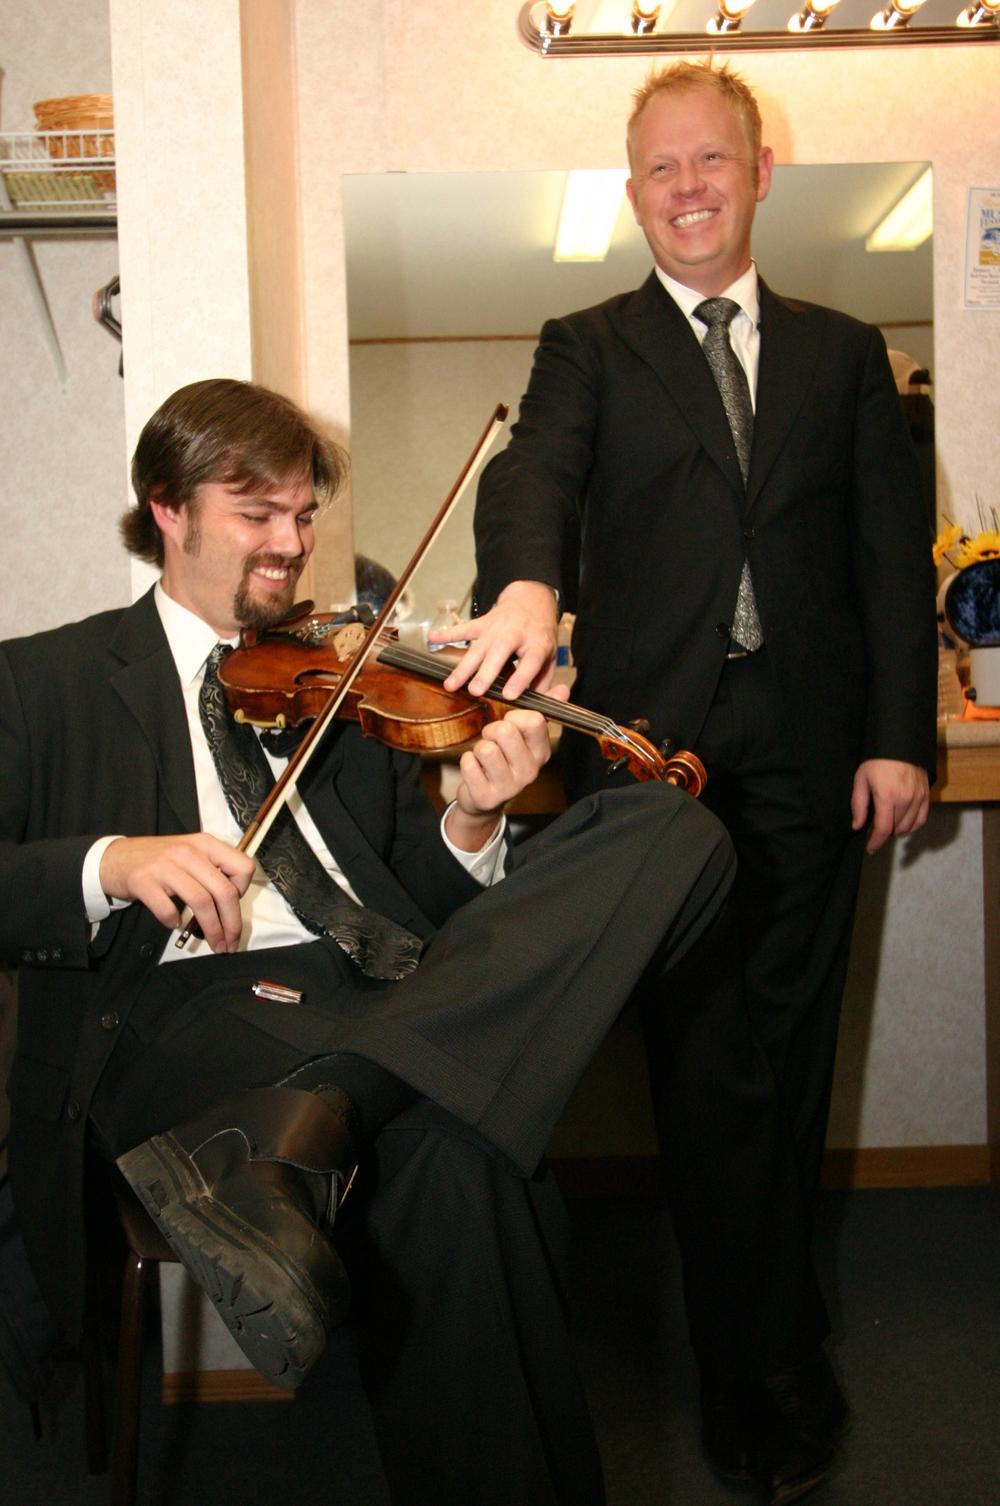 2010 - Jesse Stockman & Jamie Dailey